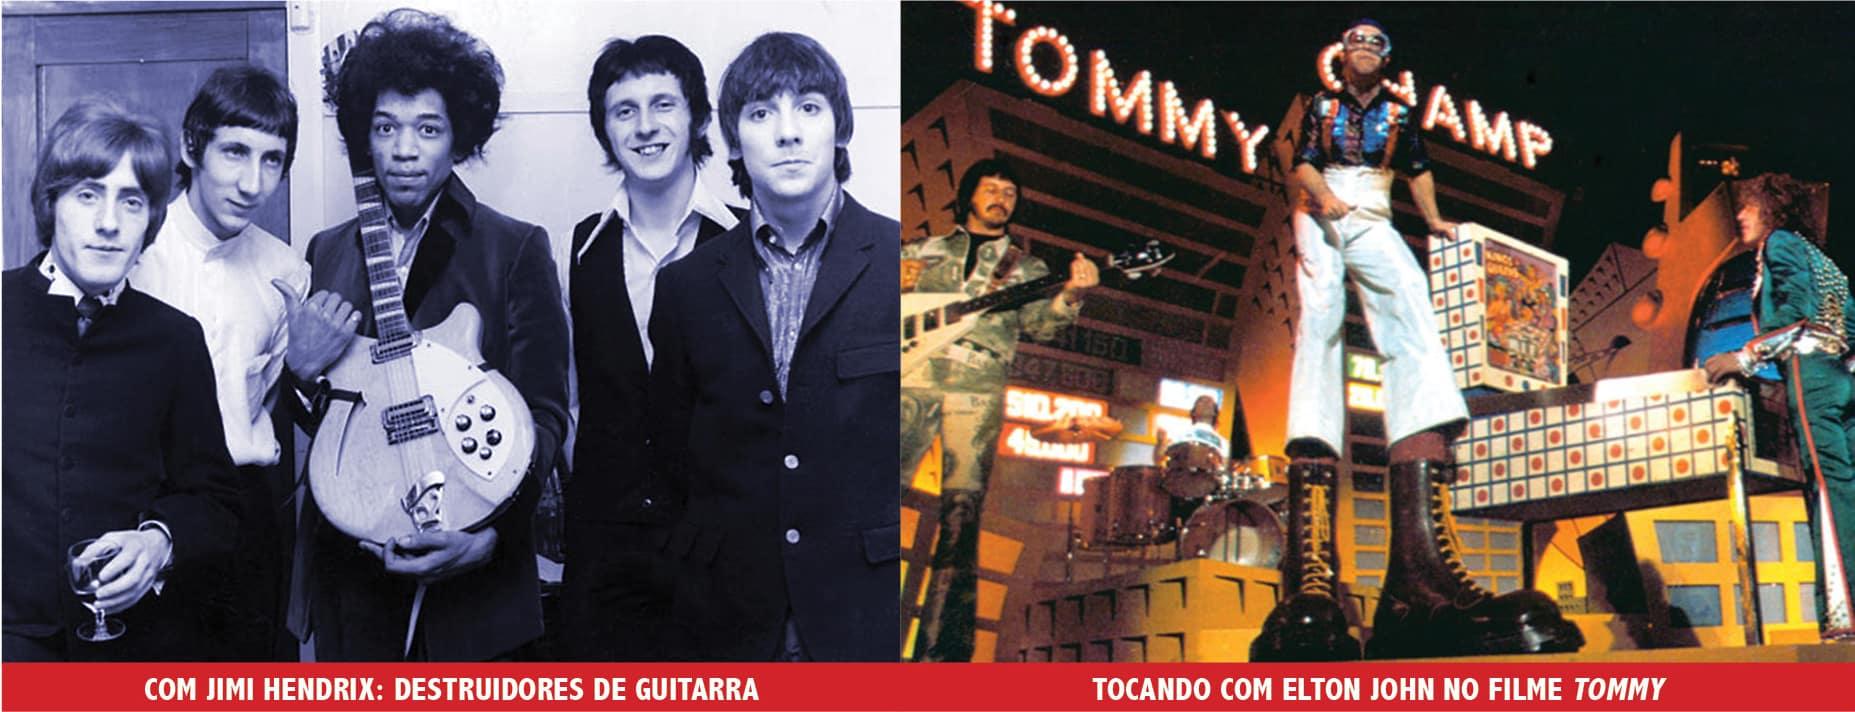 Vinil da Semana - The Who